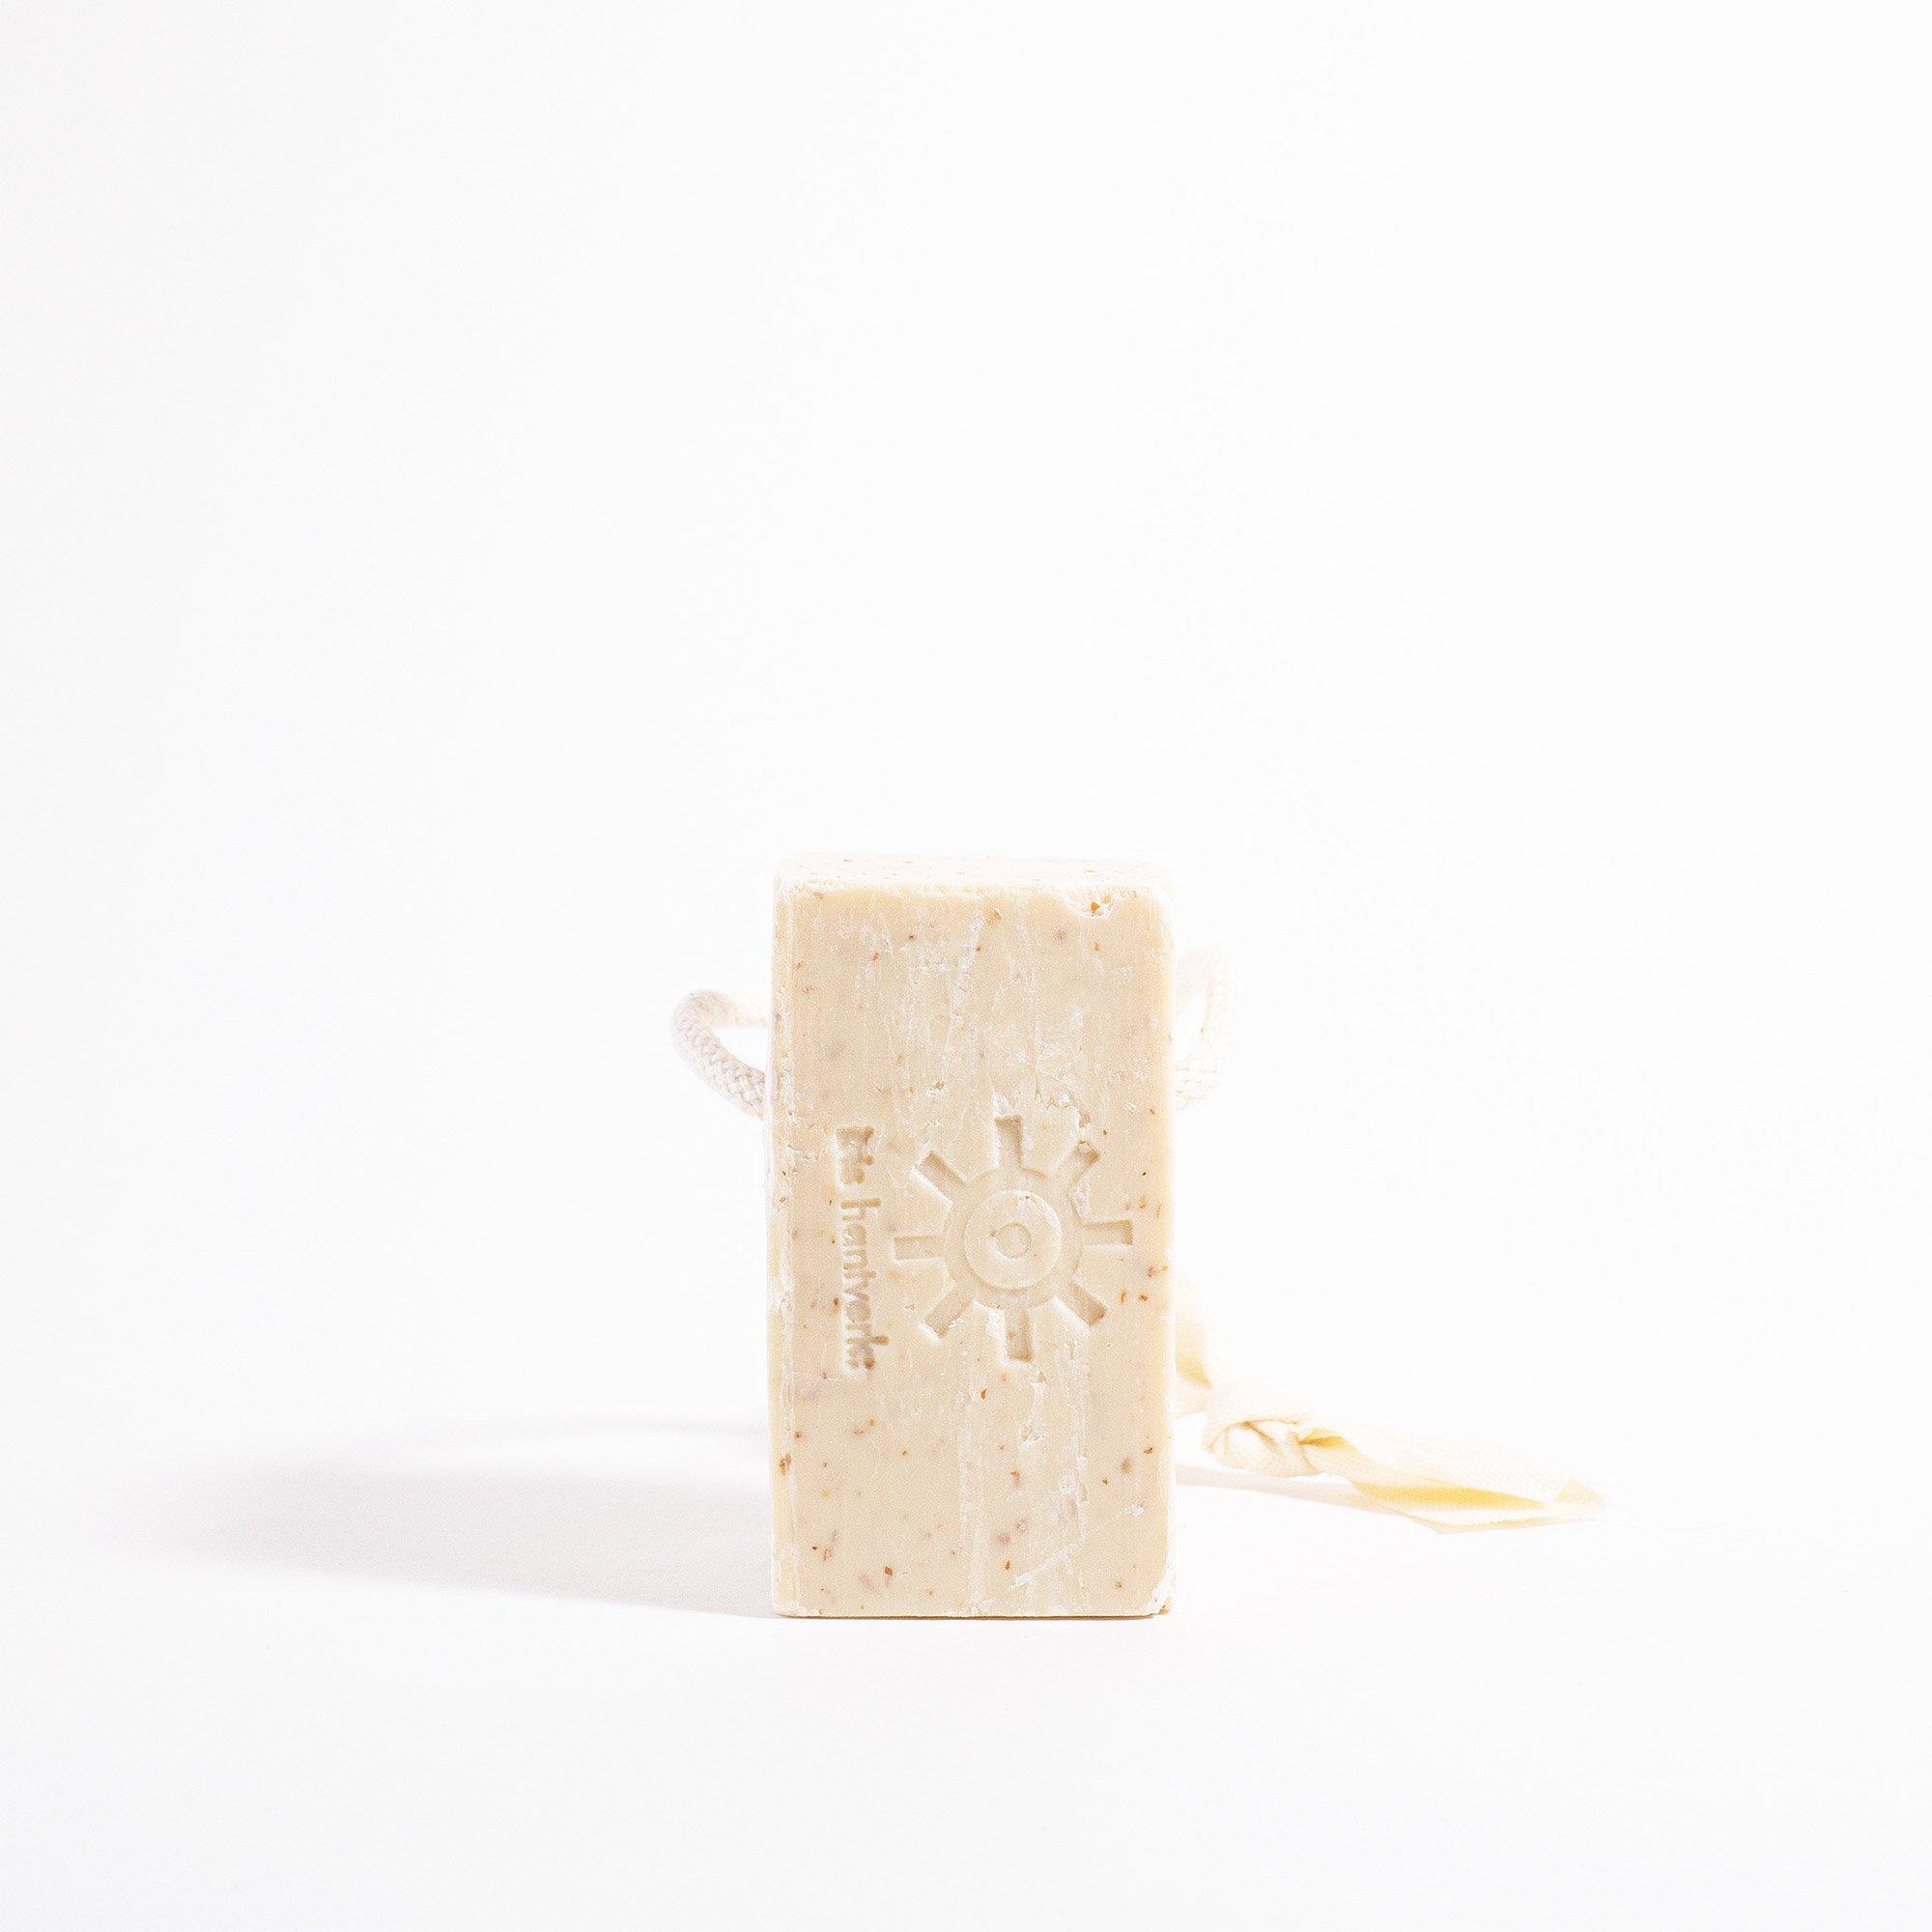 Grace and Green - Iris Hantverk - Bath and Shower Soap - Almond 1